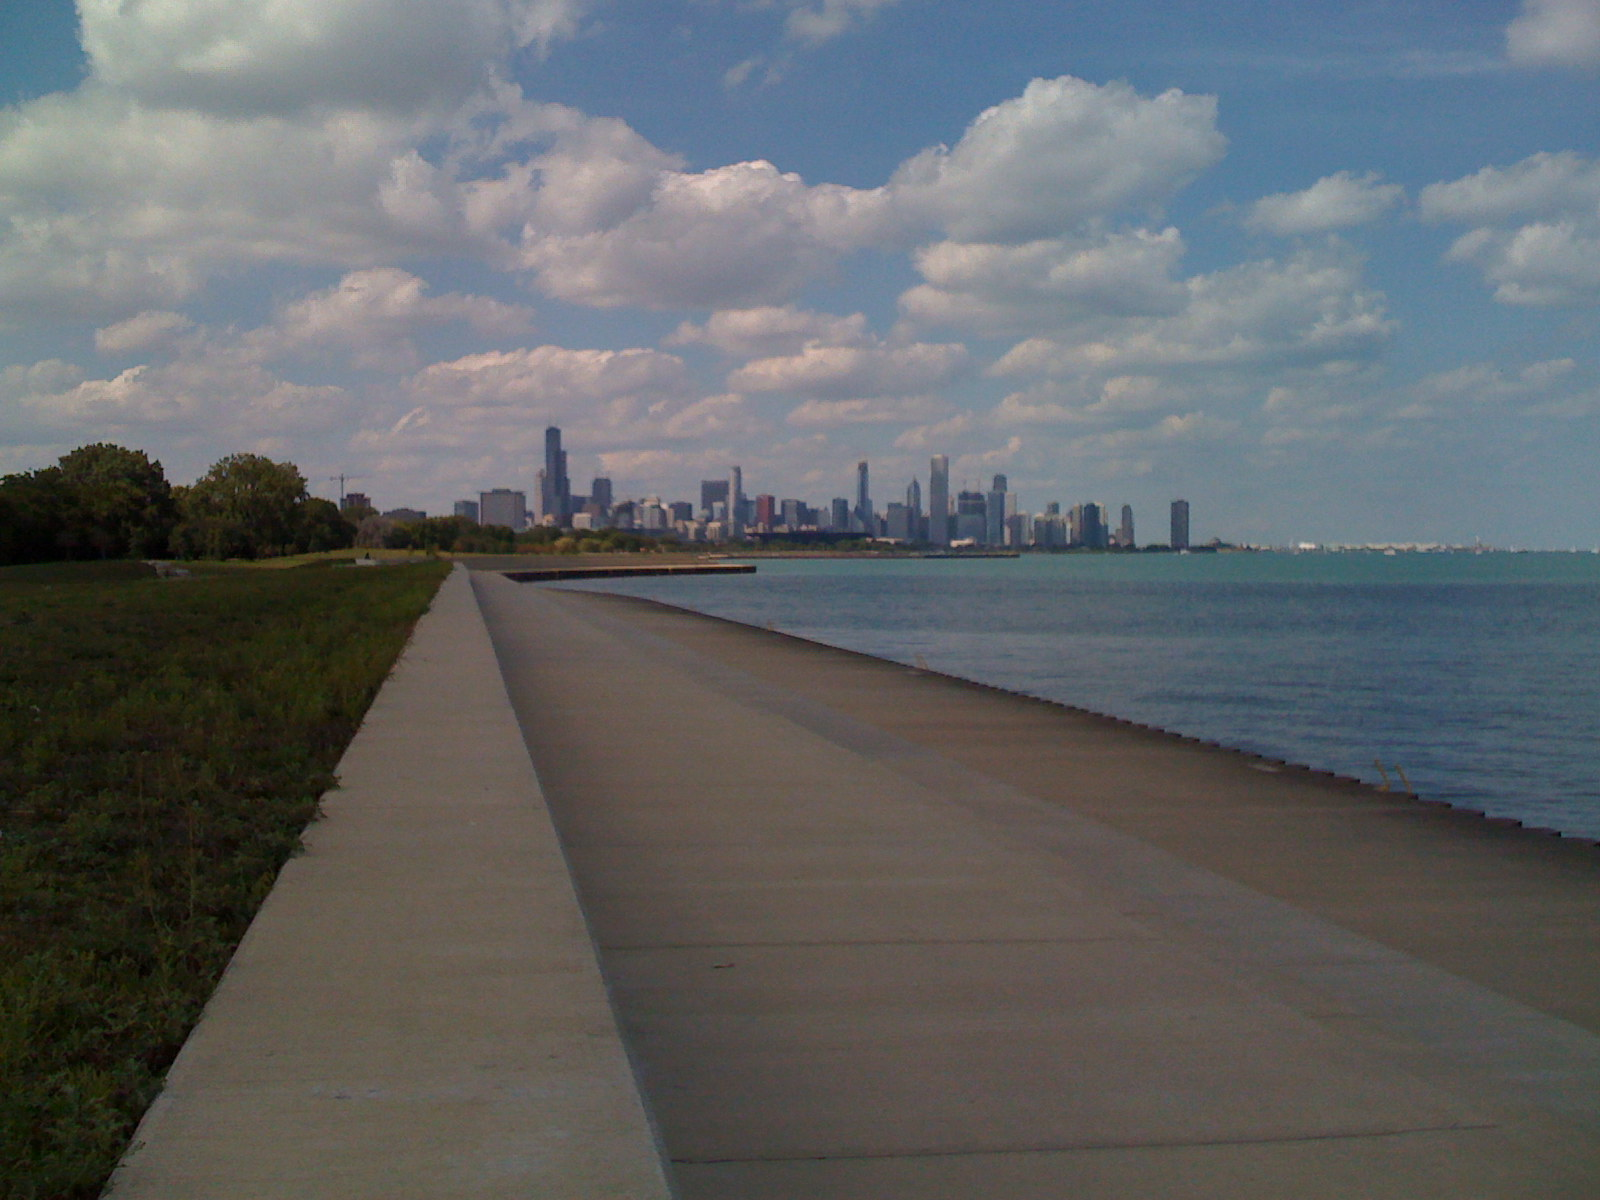 Chicago skyline from 31st beach